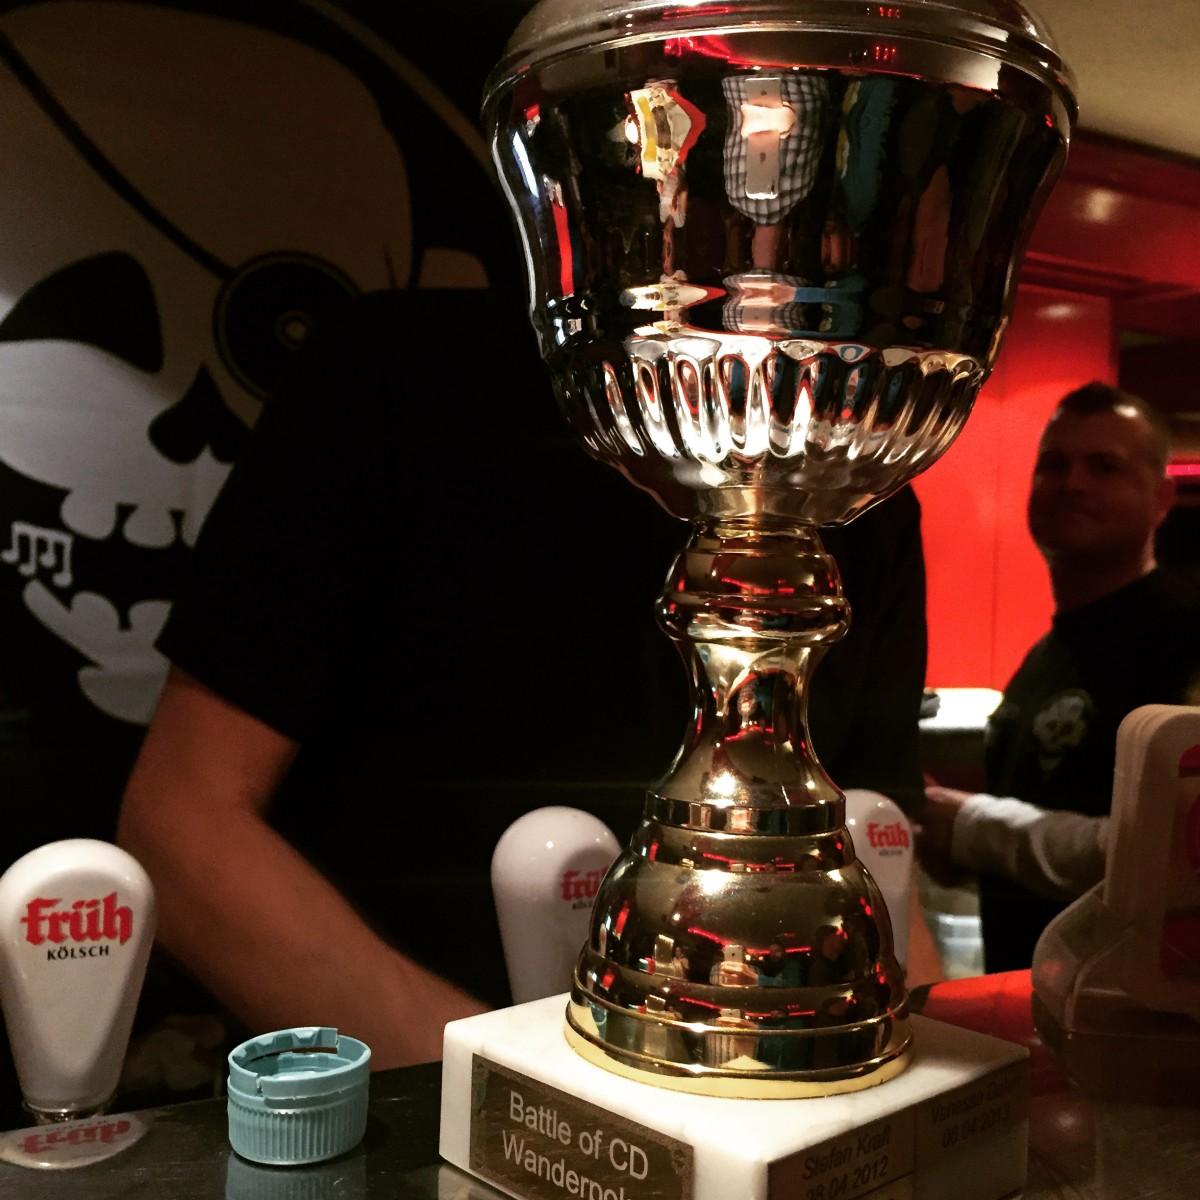 Battle of CD 2015 - ein Musikstöckchen!